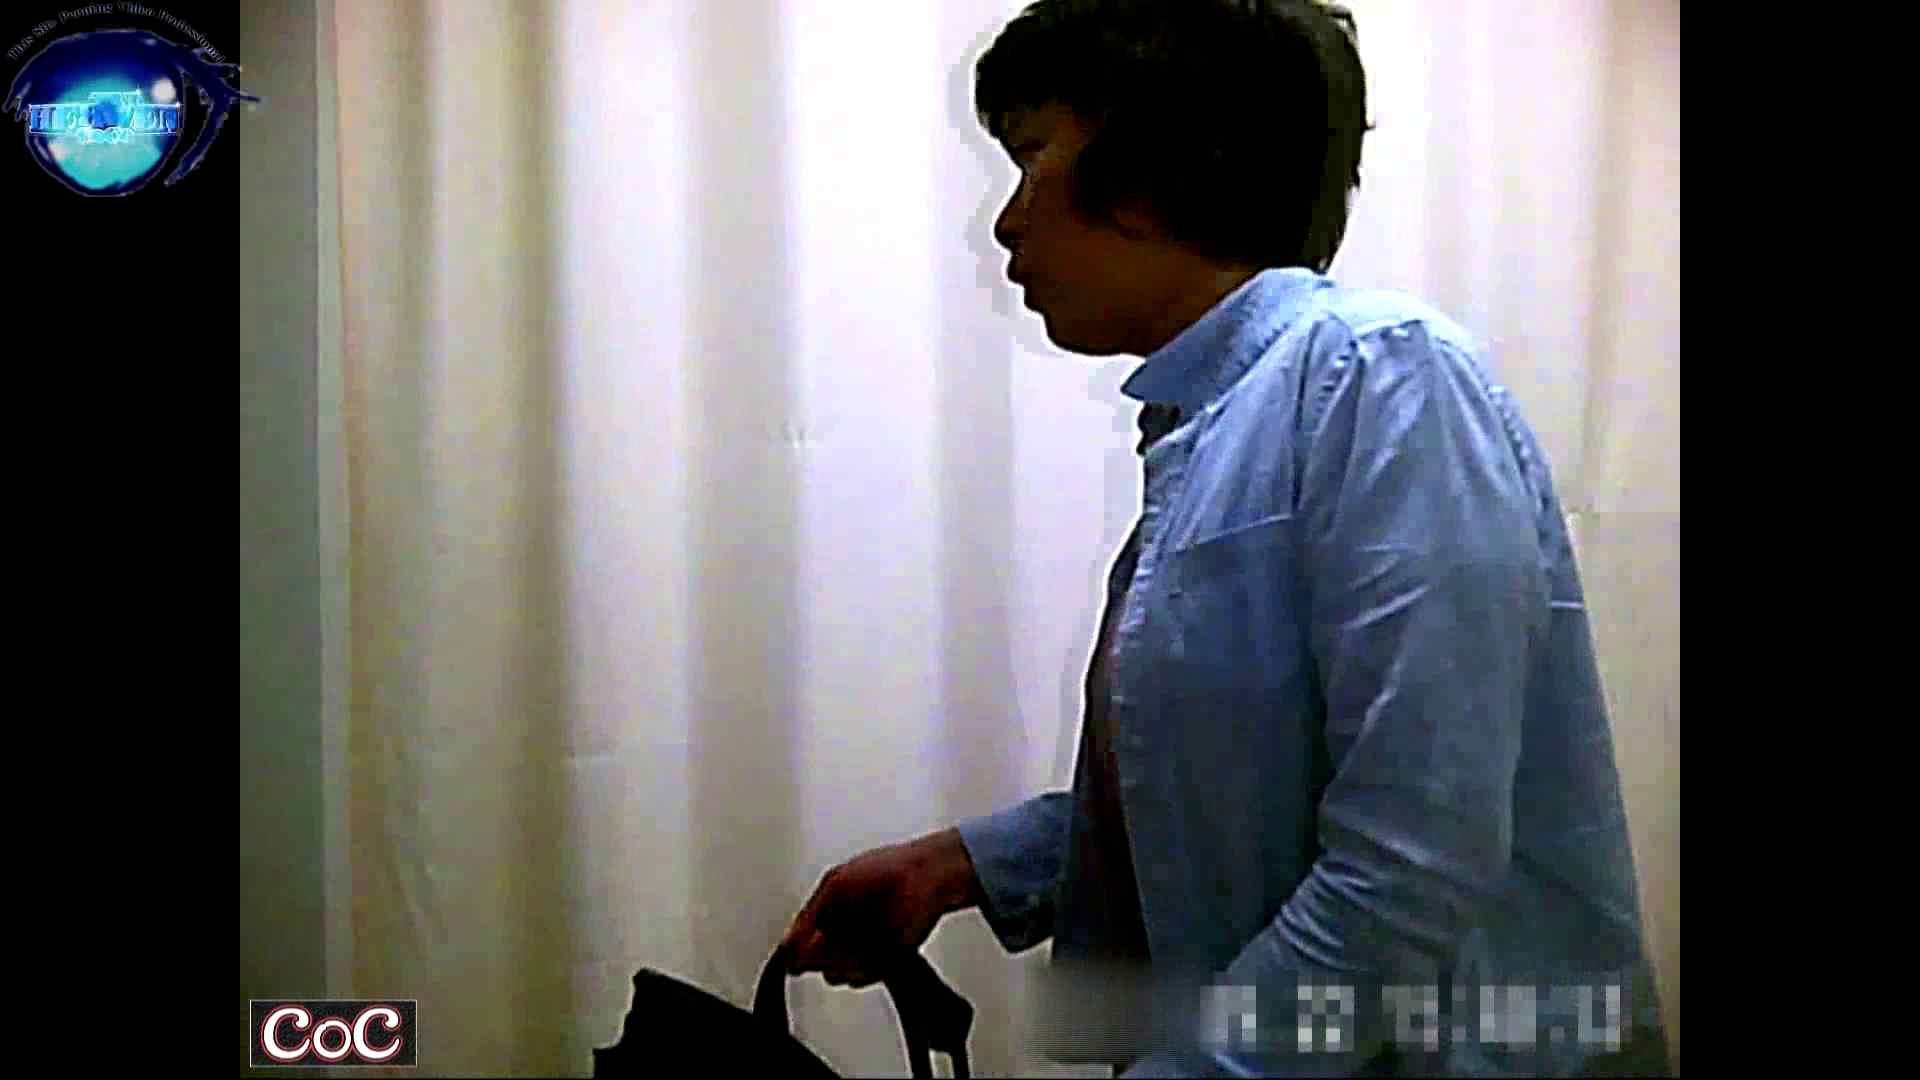 激ヤバ健康診断!着替えの一部始終.vol.32※本編ボカシ・目線無し エロいギャル | 盗撮動画  11枚 6